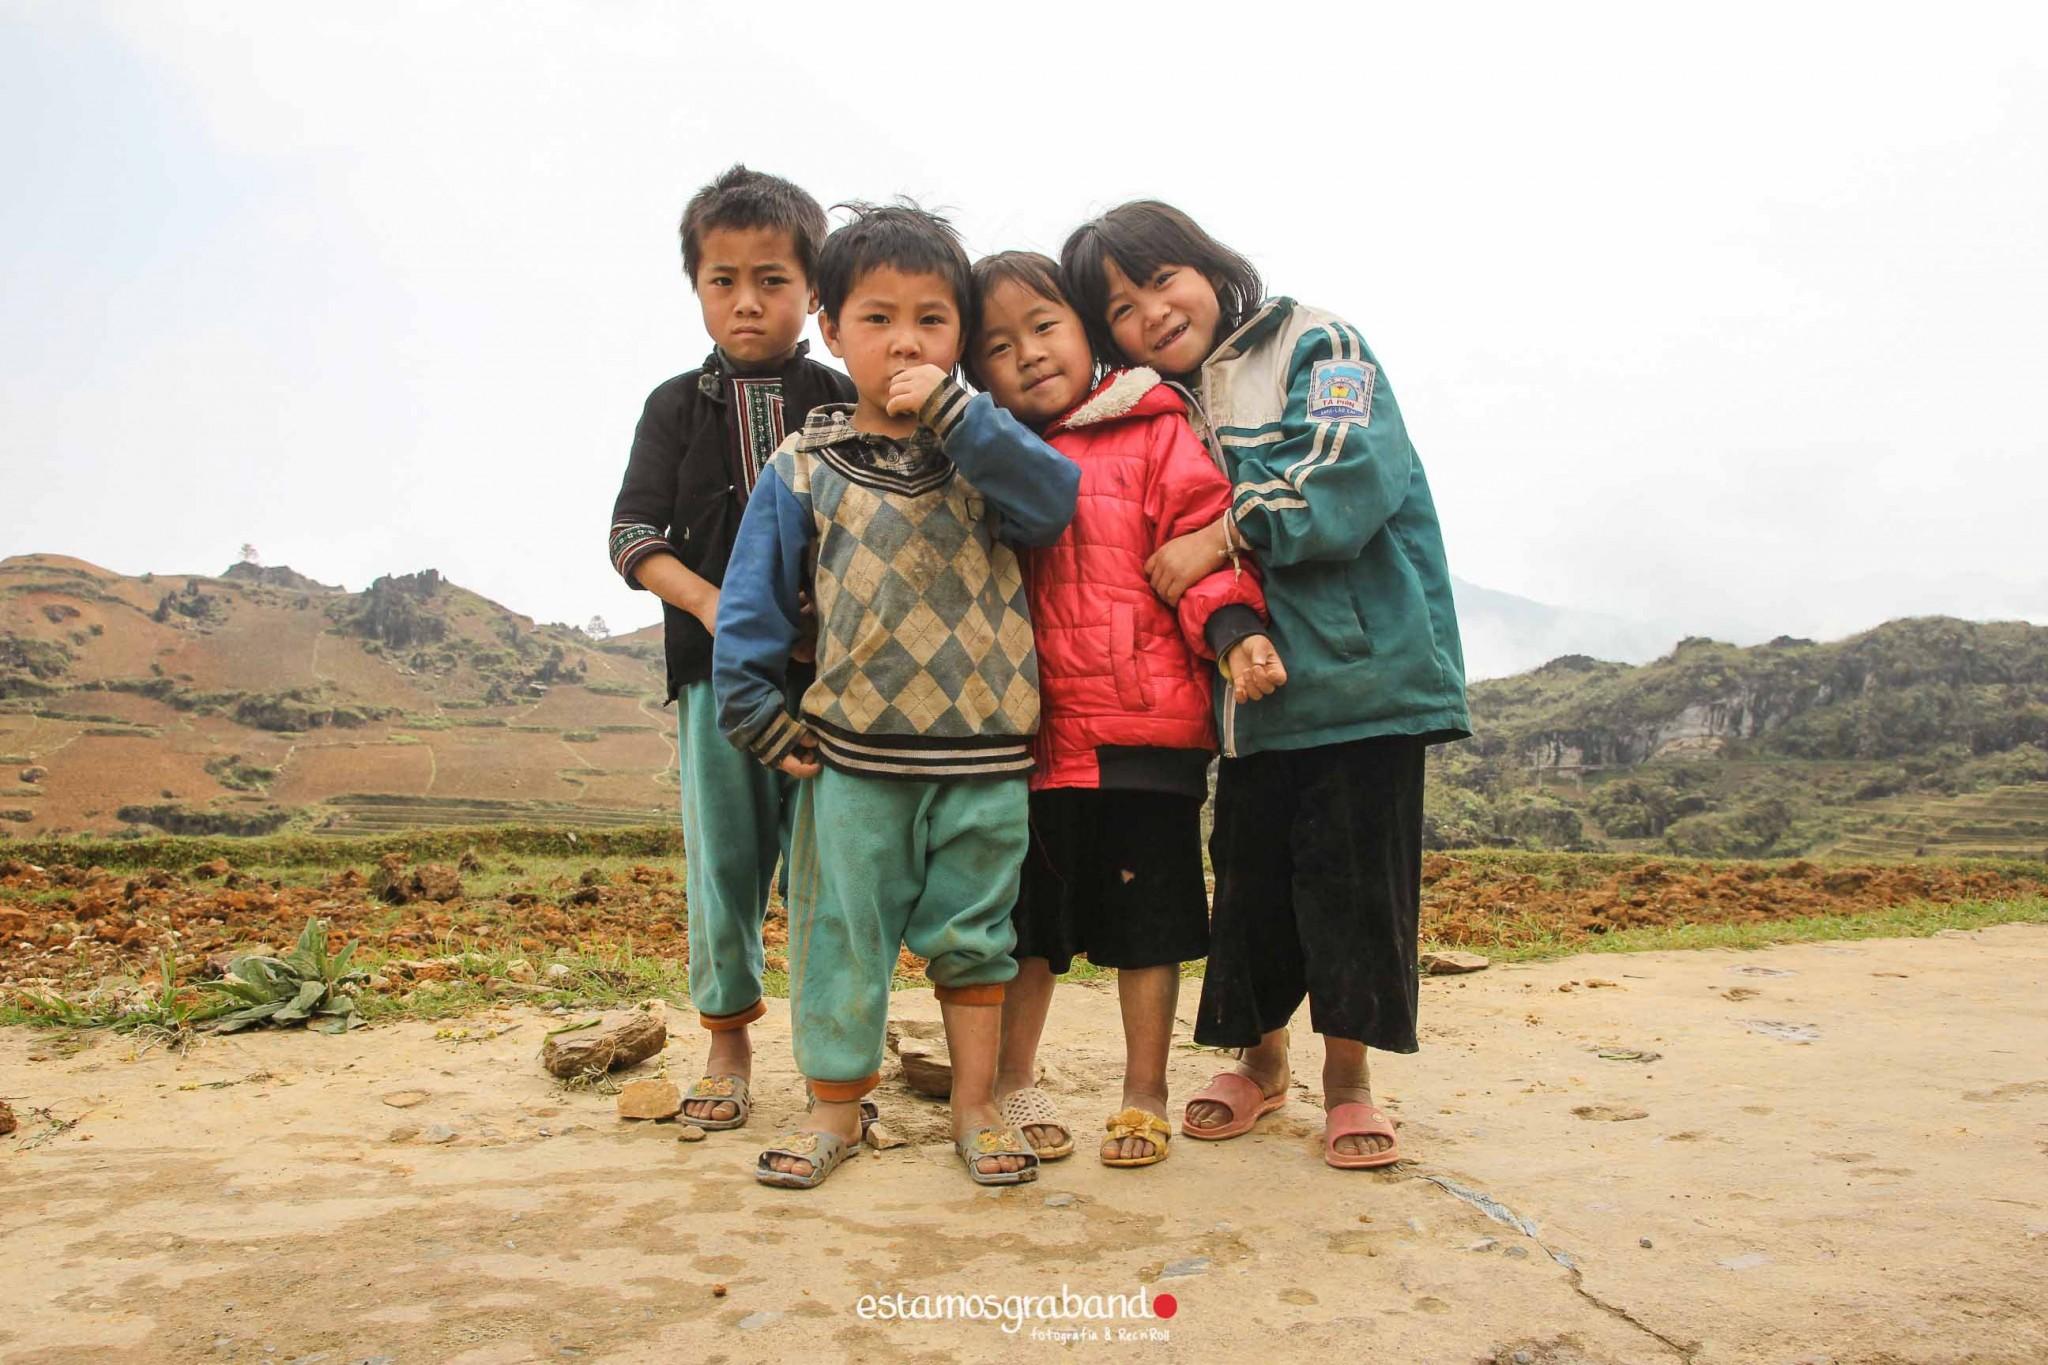 reportaje-vietnam_fotograficc81a-vietnam_estamosgrabando-vietnam_rutasvietnam_reportaje-retratos-fotos-vietnam_fotografia-vietnam_reportaje-estamosgrabando-fotograficc81a-vietnam-27 Pequeños grandes recuerdos de Vietnam en 100 imágenes - video boda cadiz